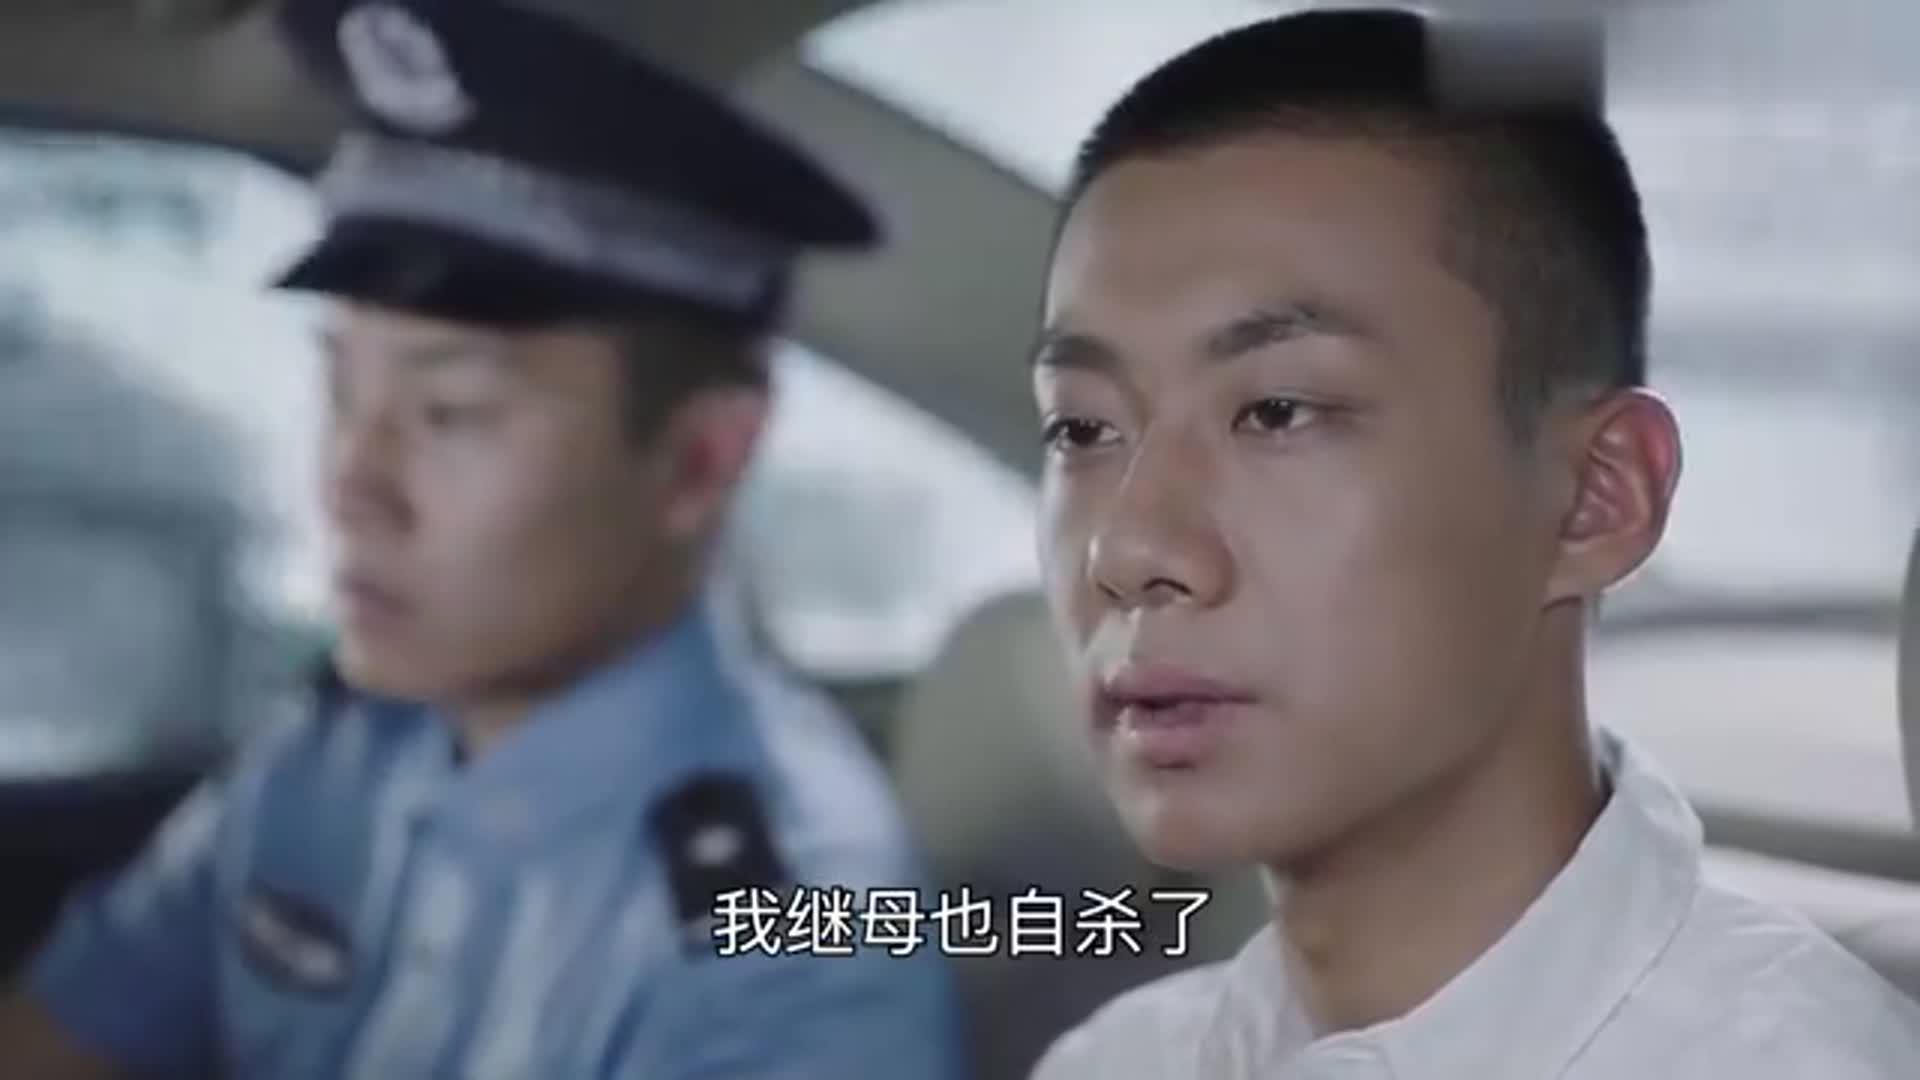 飞鸟集:警员询问了武越,武越告知警员,武越的内心打算面试